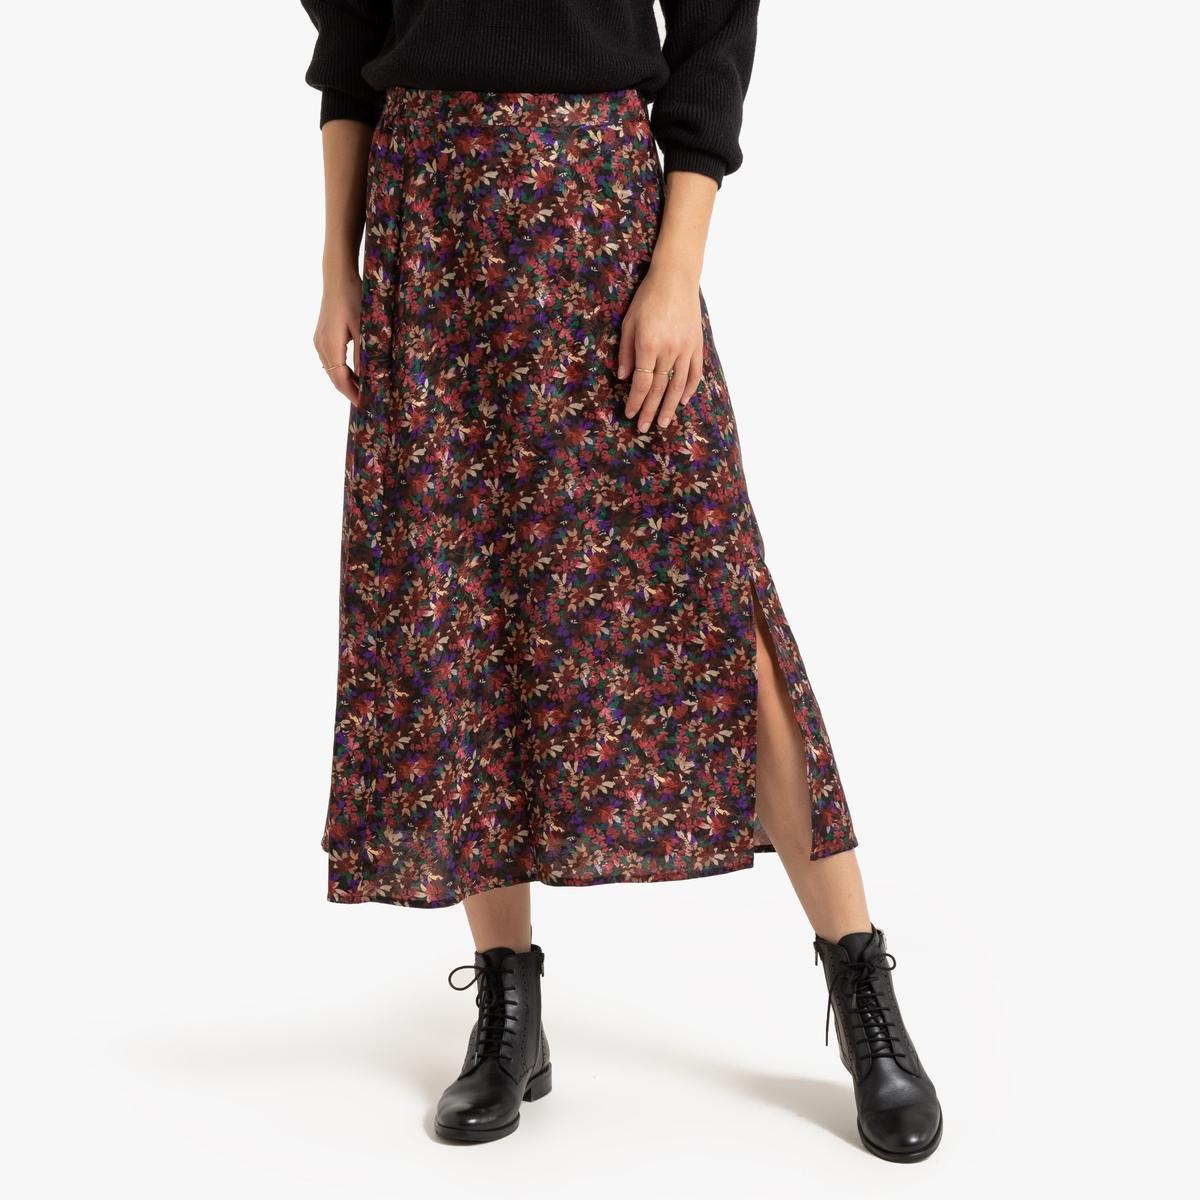 Falda larga vaporosa con estampado de flores